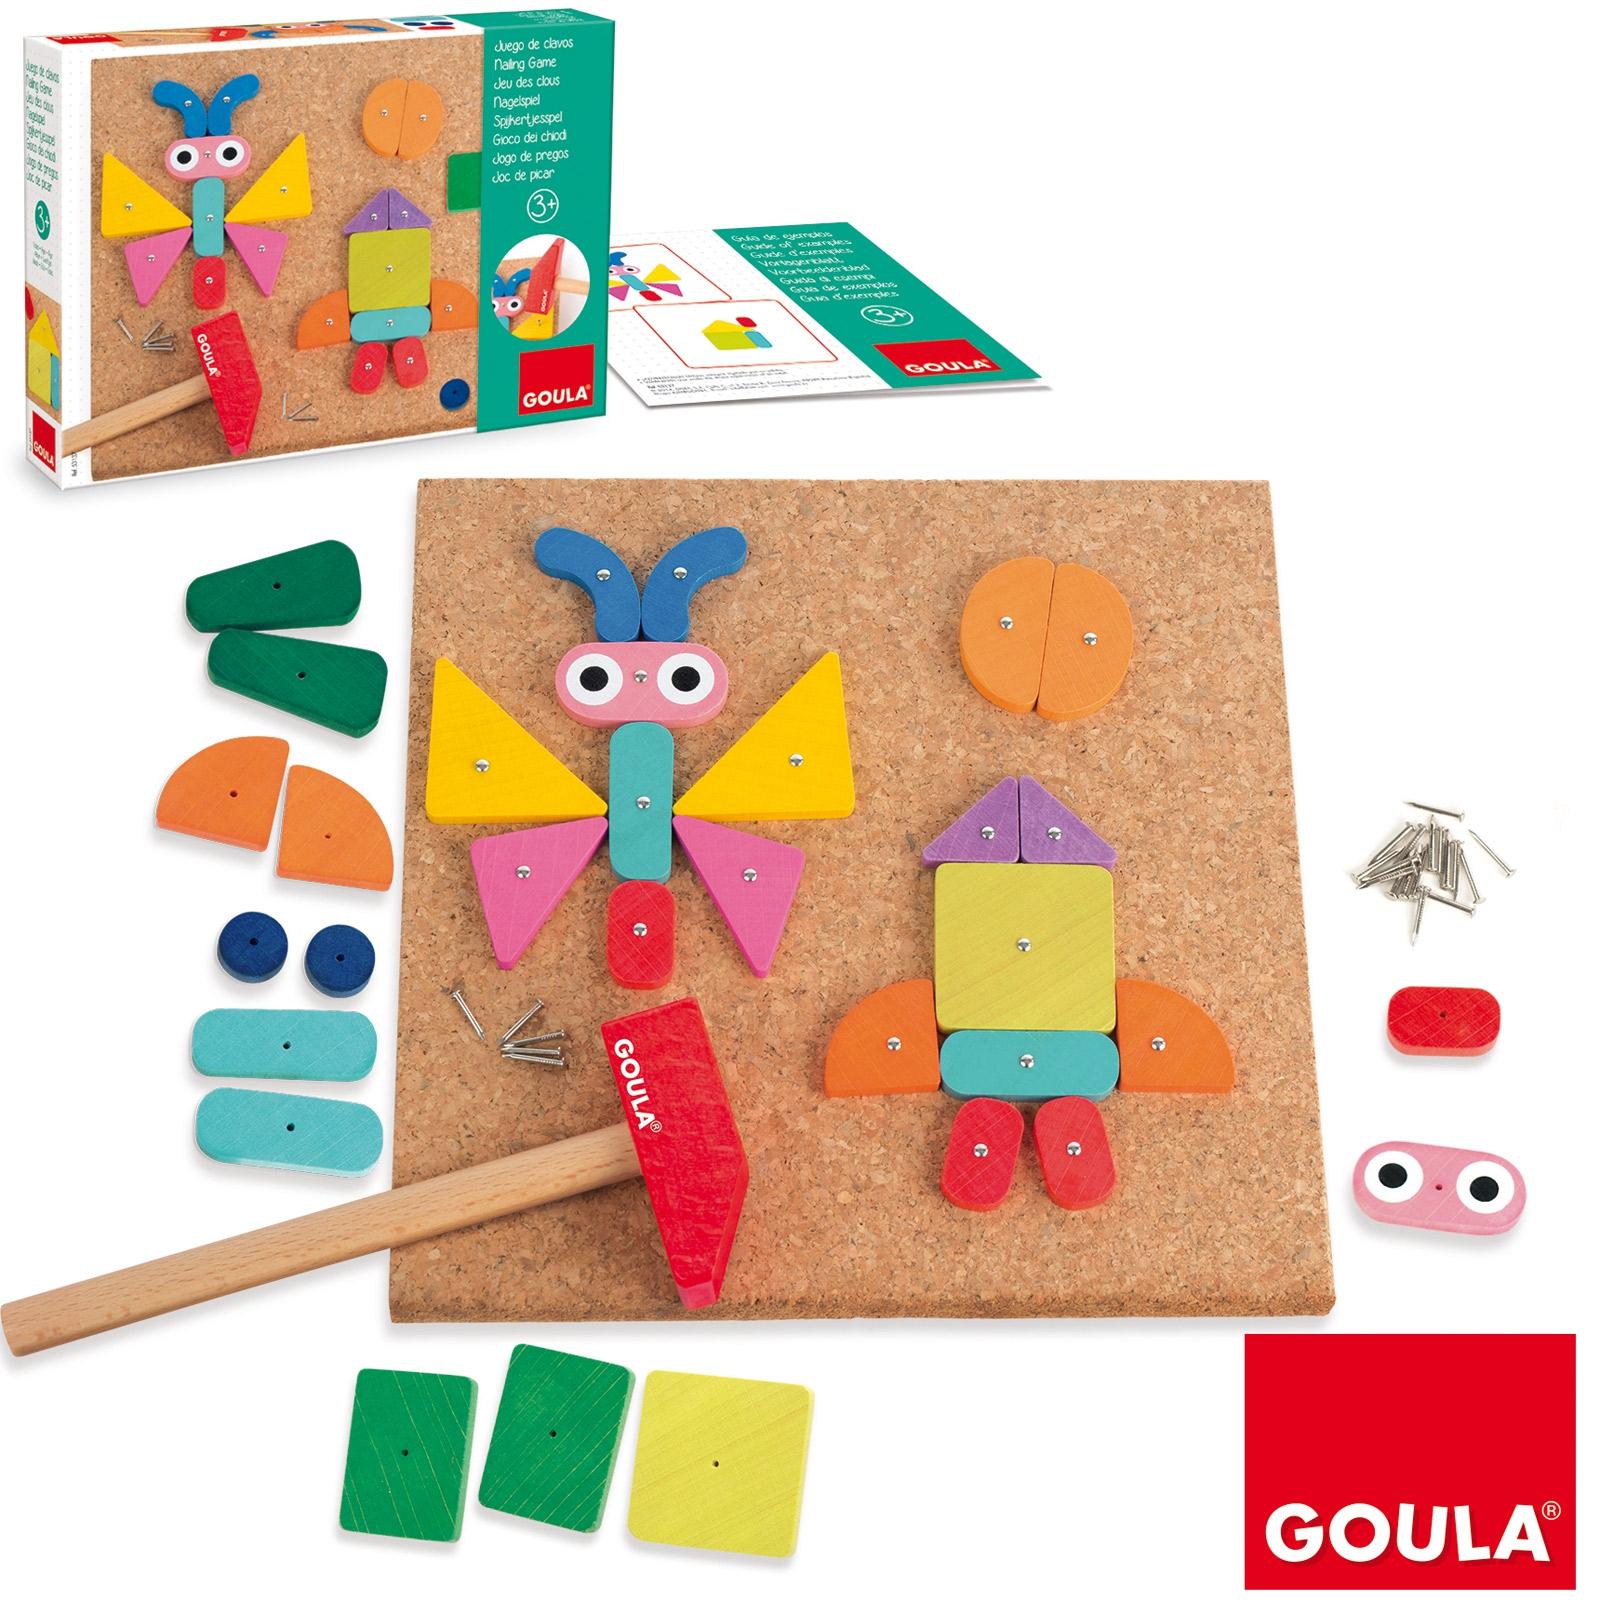 Idées Cadeaux Montessori Pour Enfants De 18 Mois À 3 Ans tout Jeux De Garçon 3 Ans